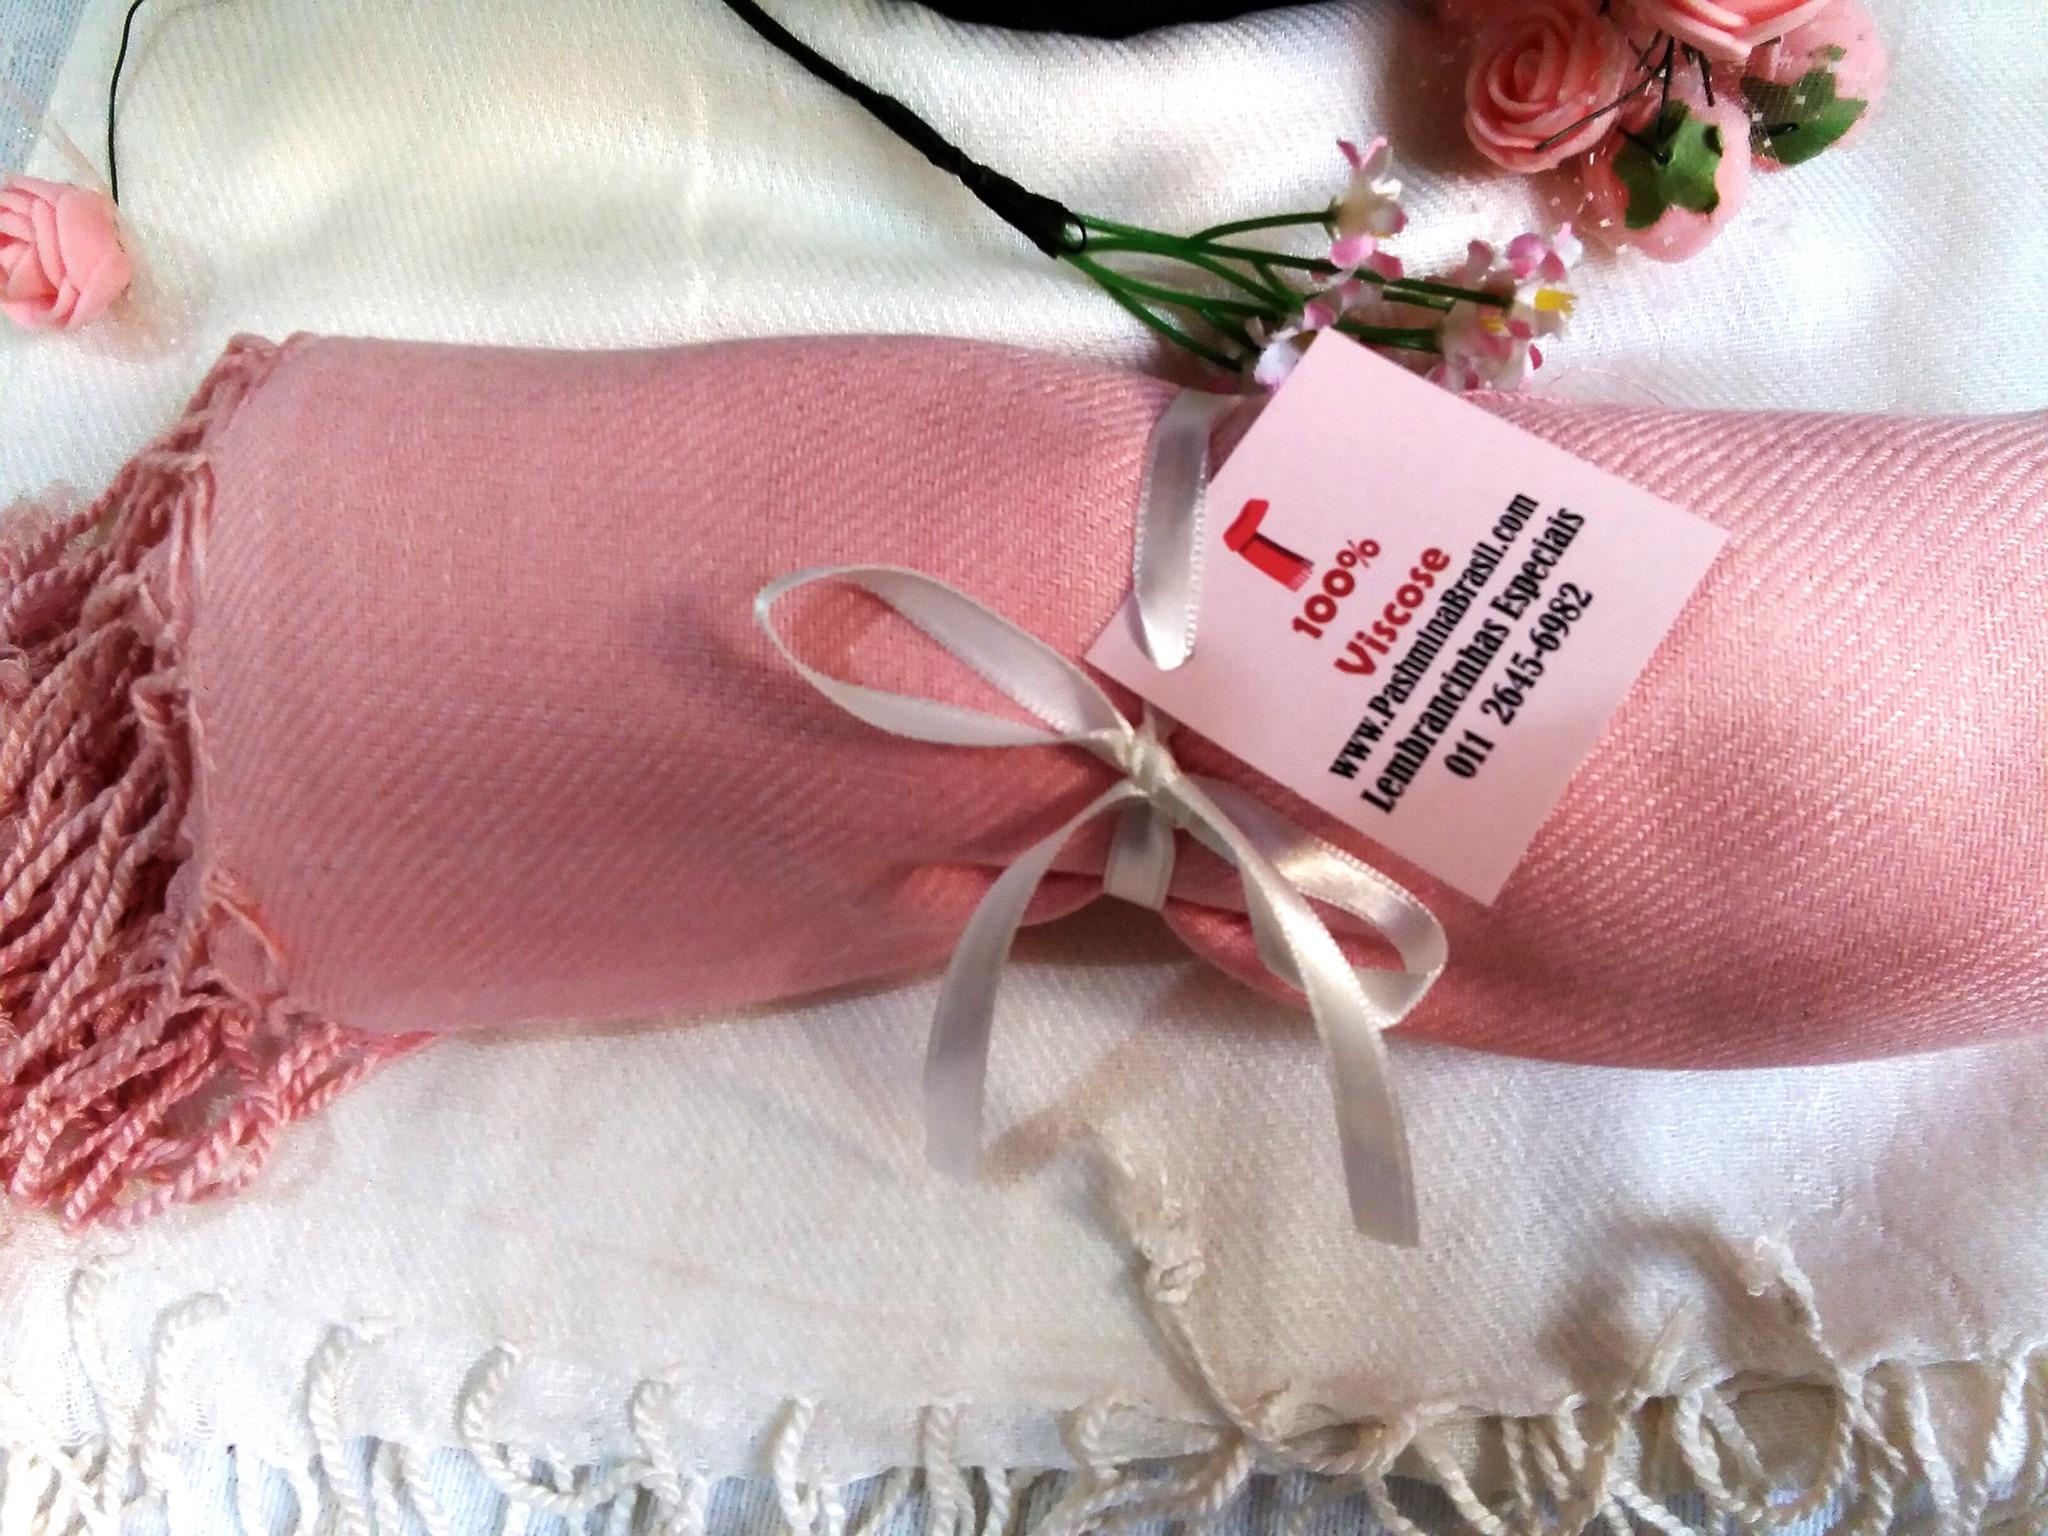 echarpe lenco xale cachecol personalizado brinde